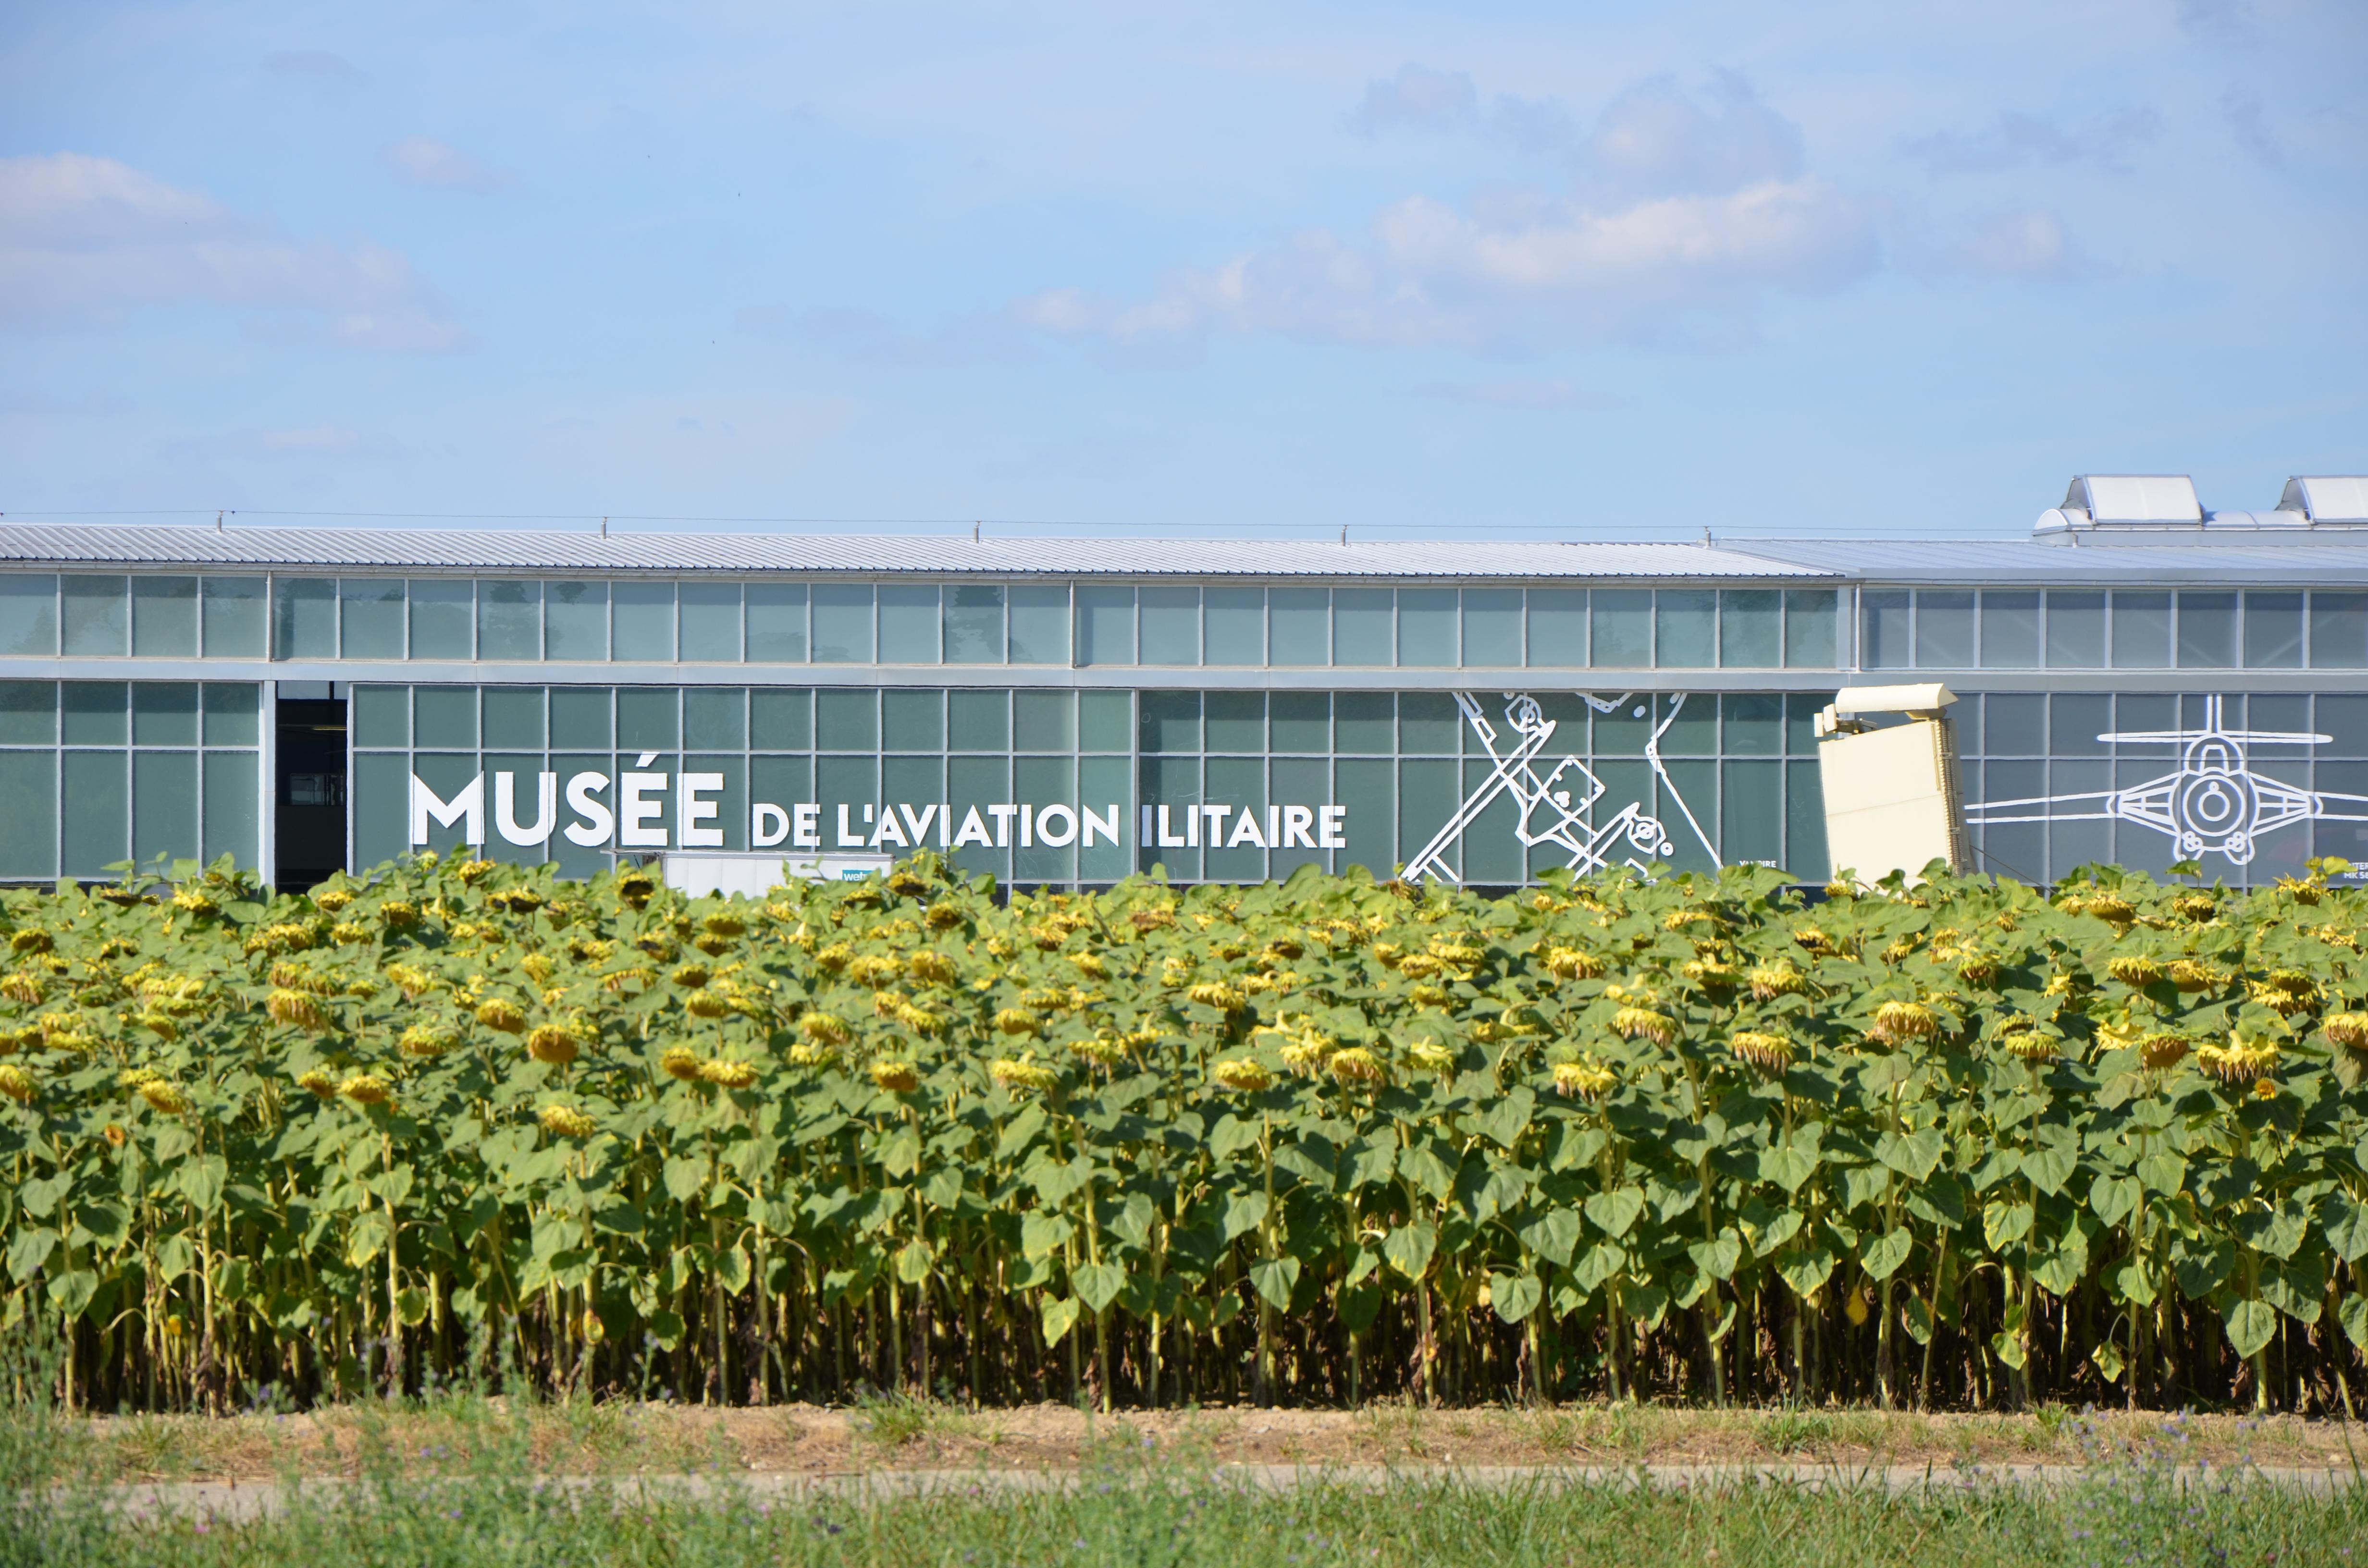 Musée_aviation_militaire_Clin_d_ailes_Payerne_011